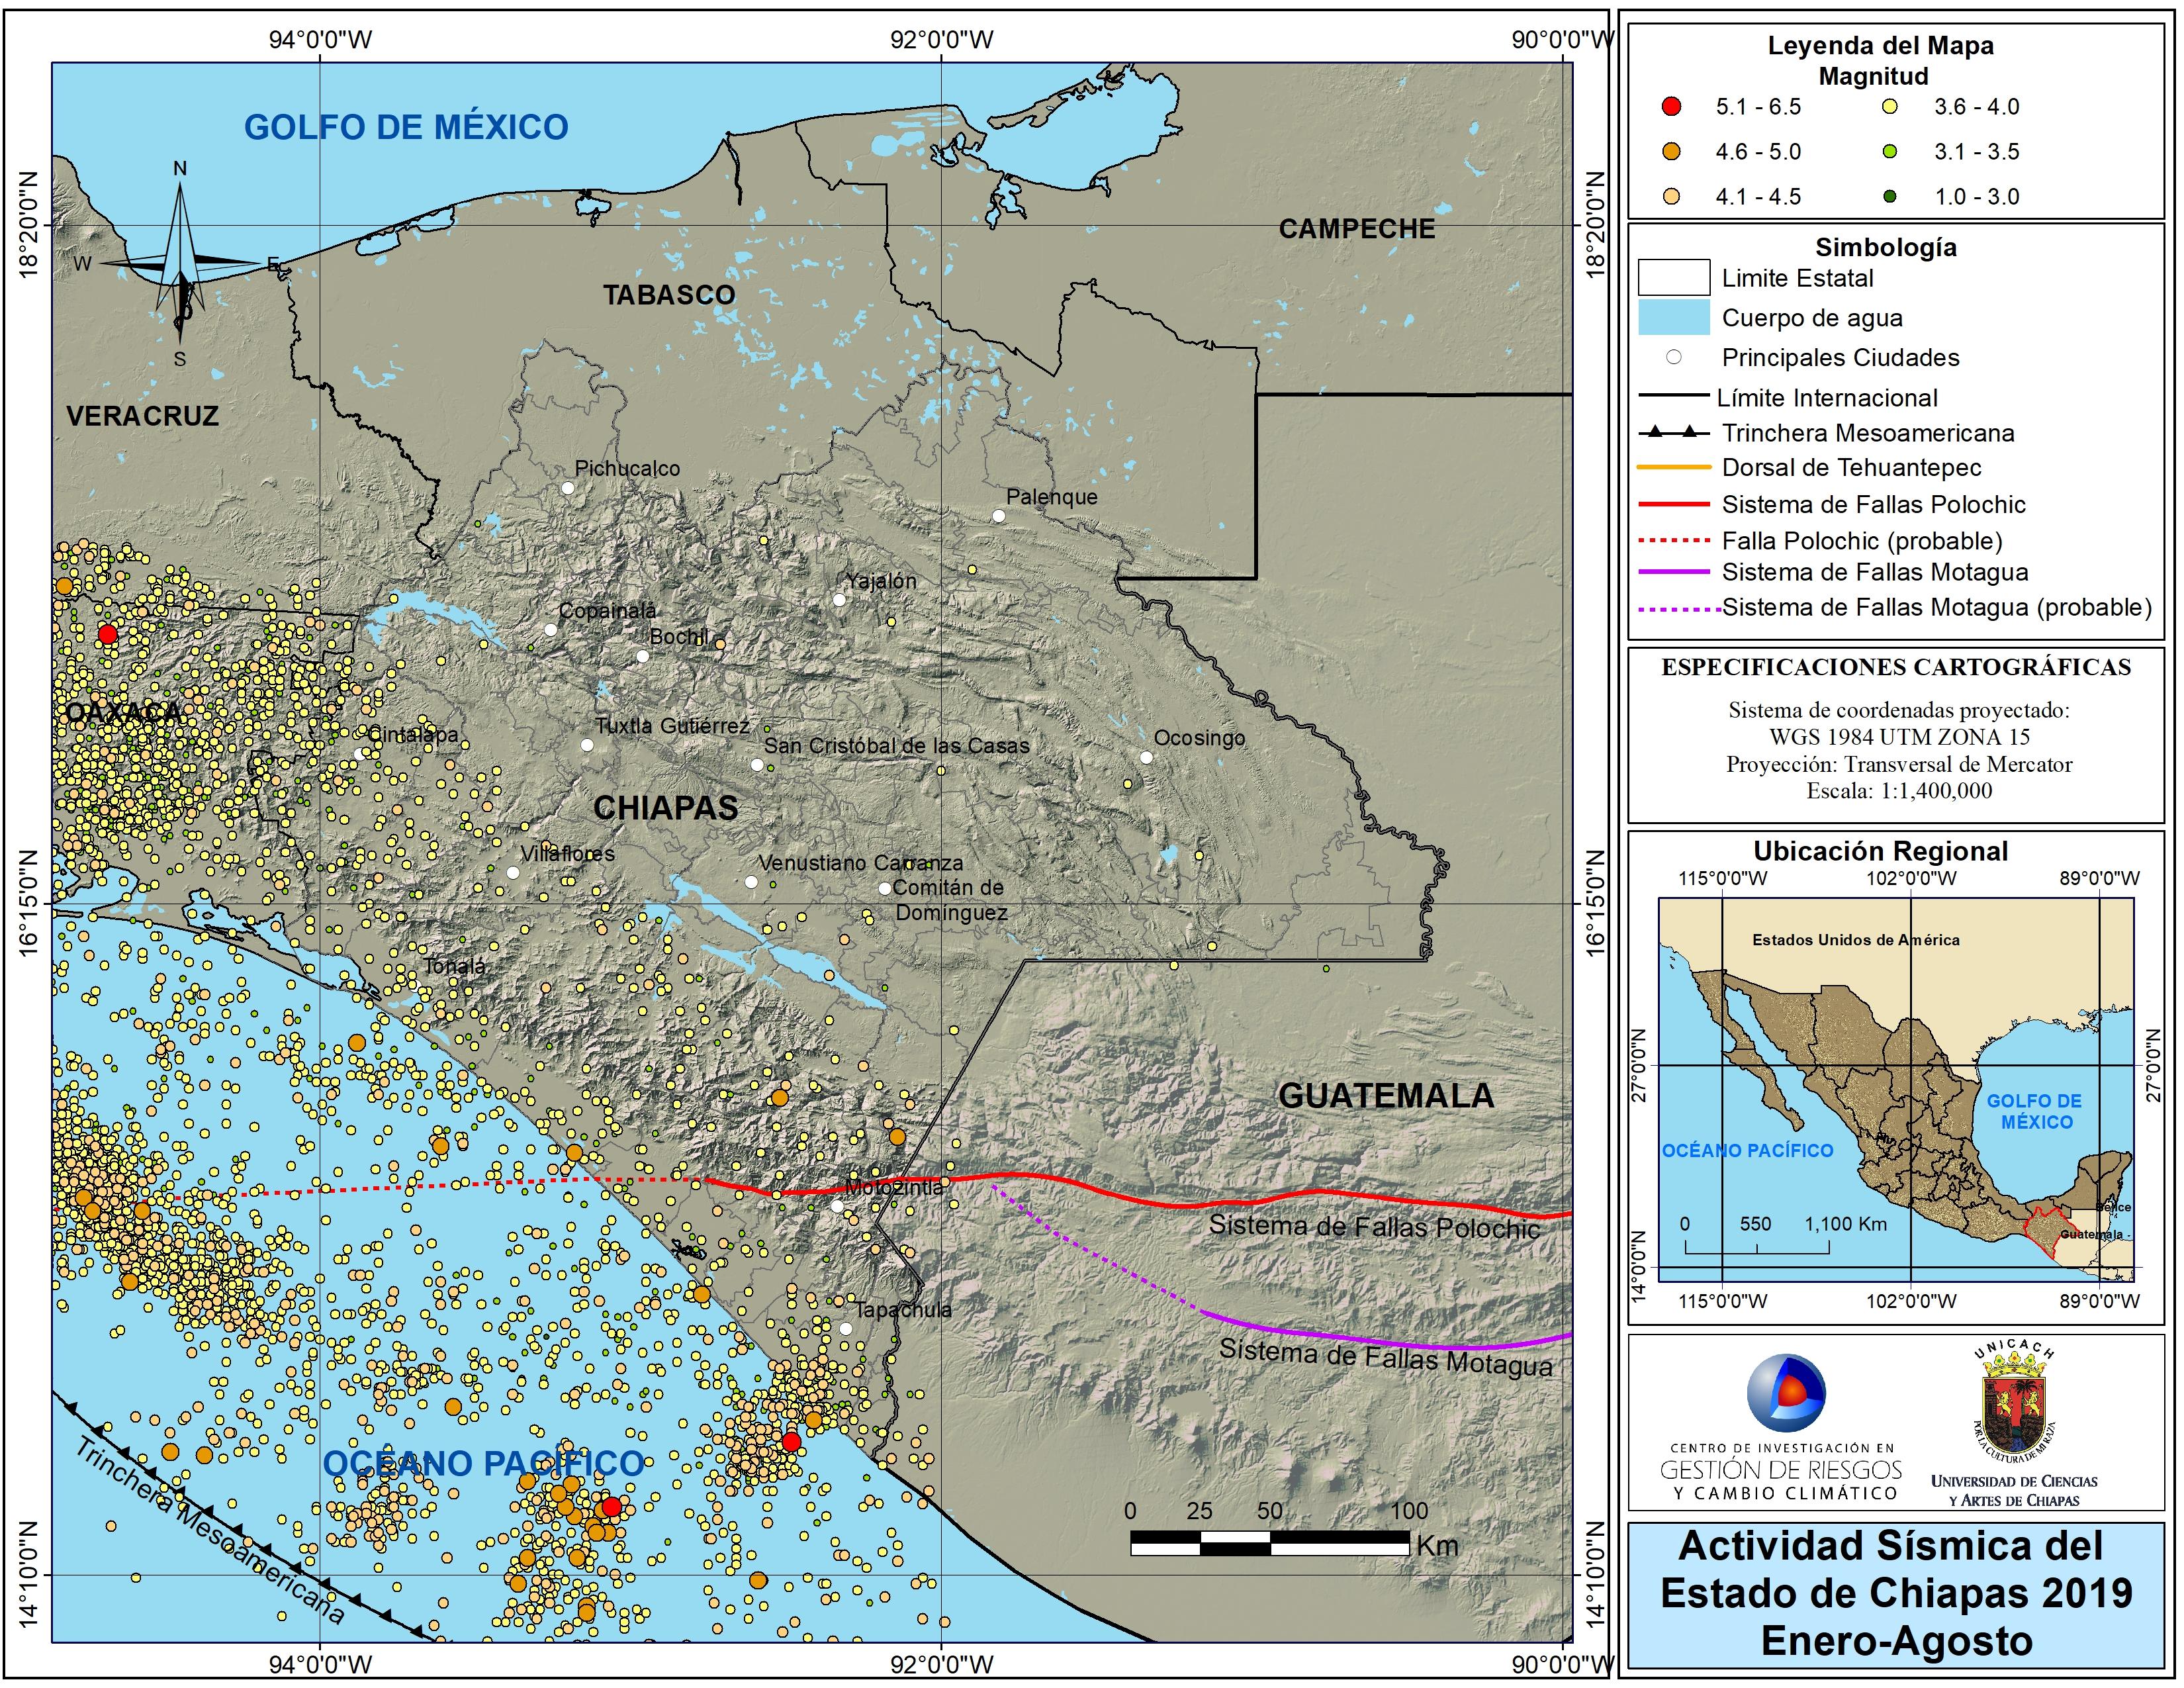 Actividad simica en Chiapas 2019